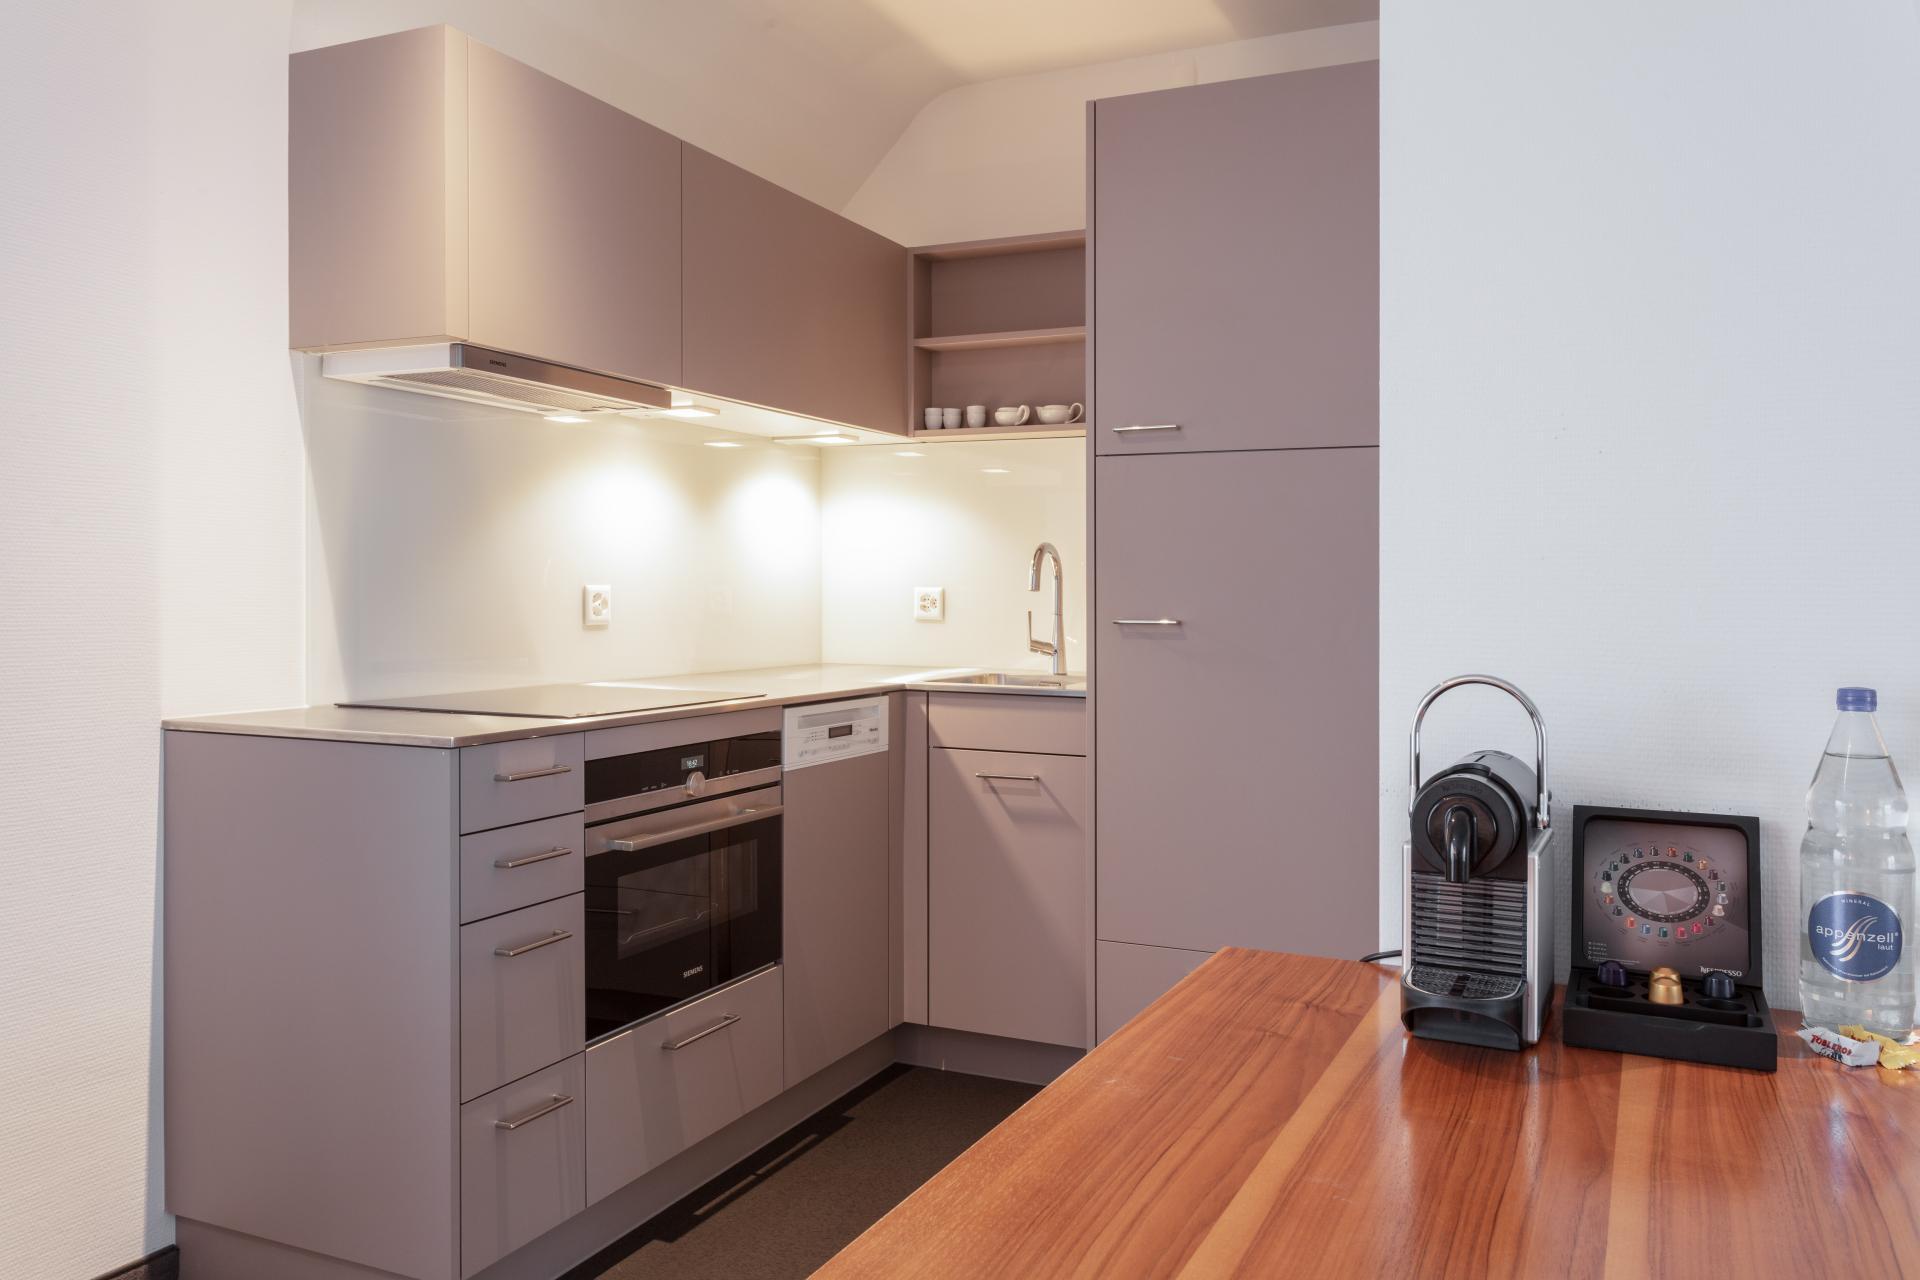 Kitchen diner at Florastrasse 26 Apartments